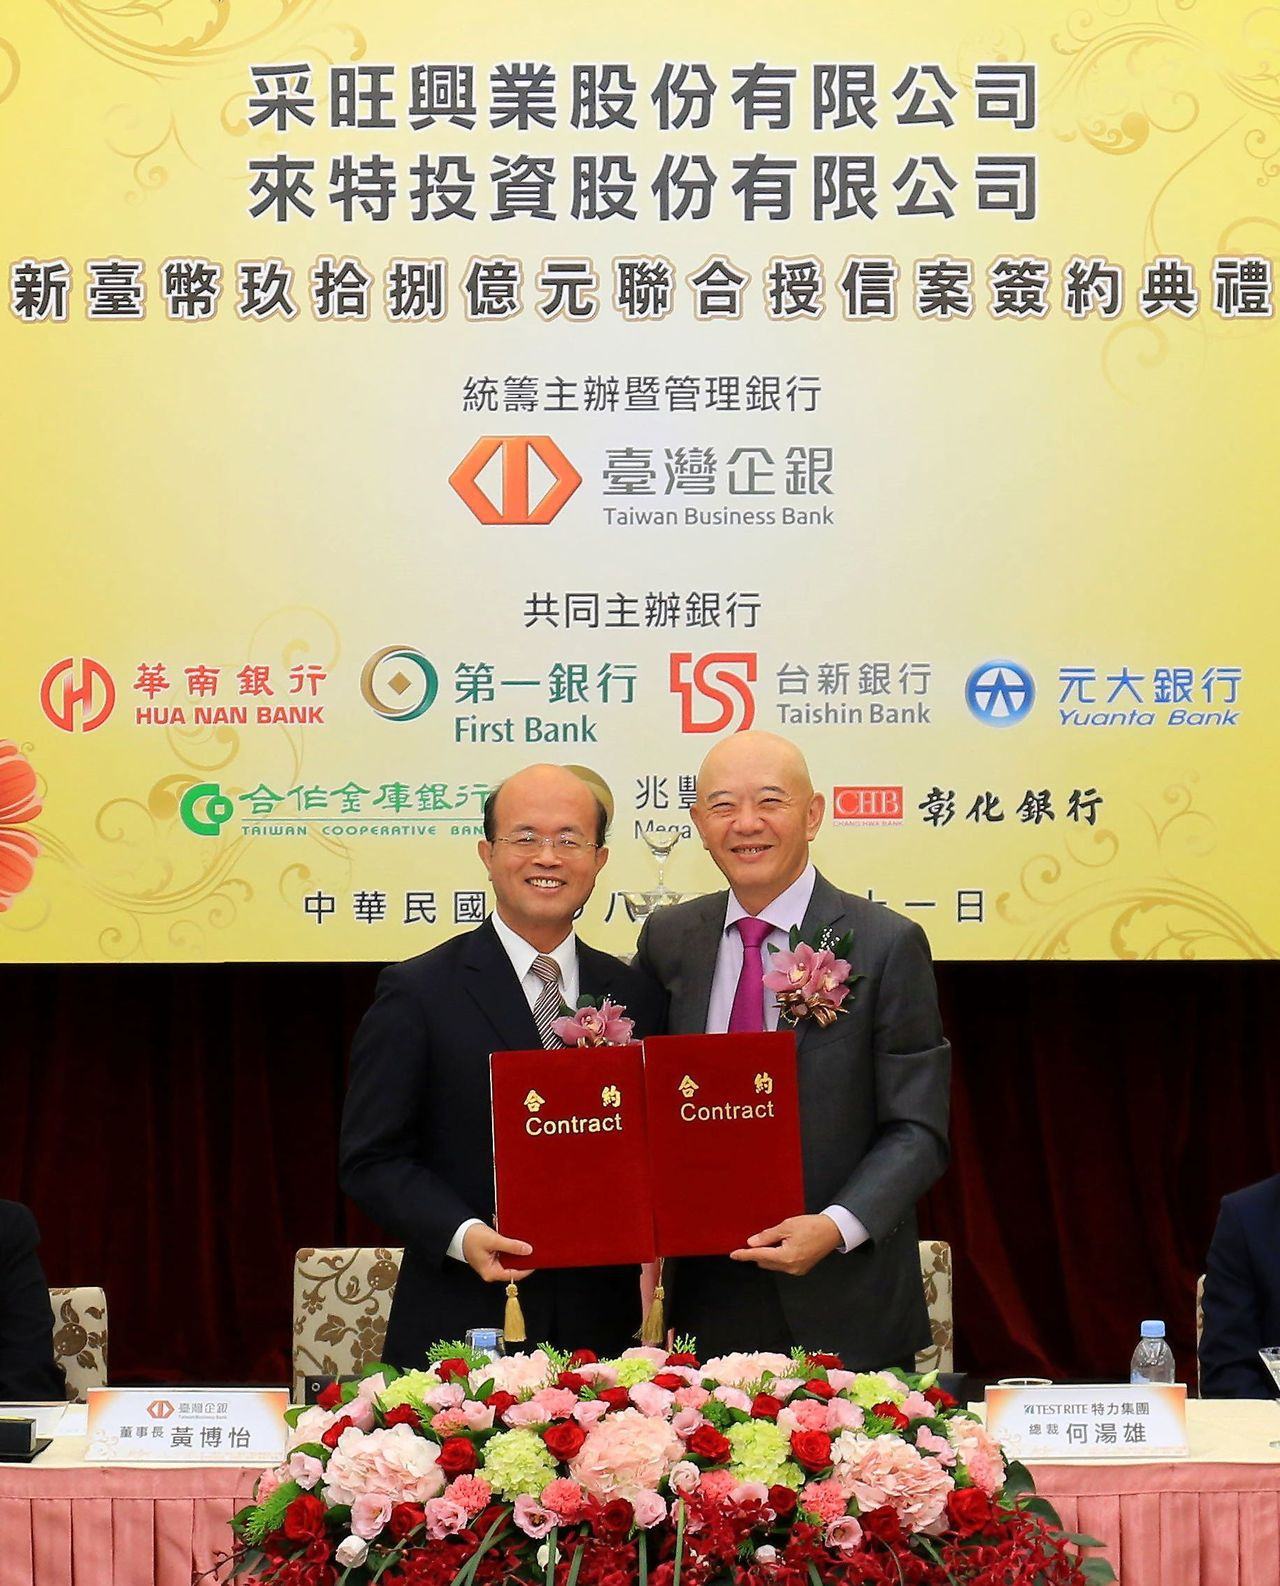 台灣企銀主辦采旺興業及來特投資98億元聯貸案簽約儀式,由董事長黃博怡(左)親自主...